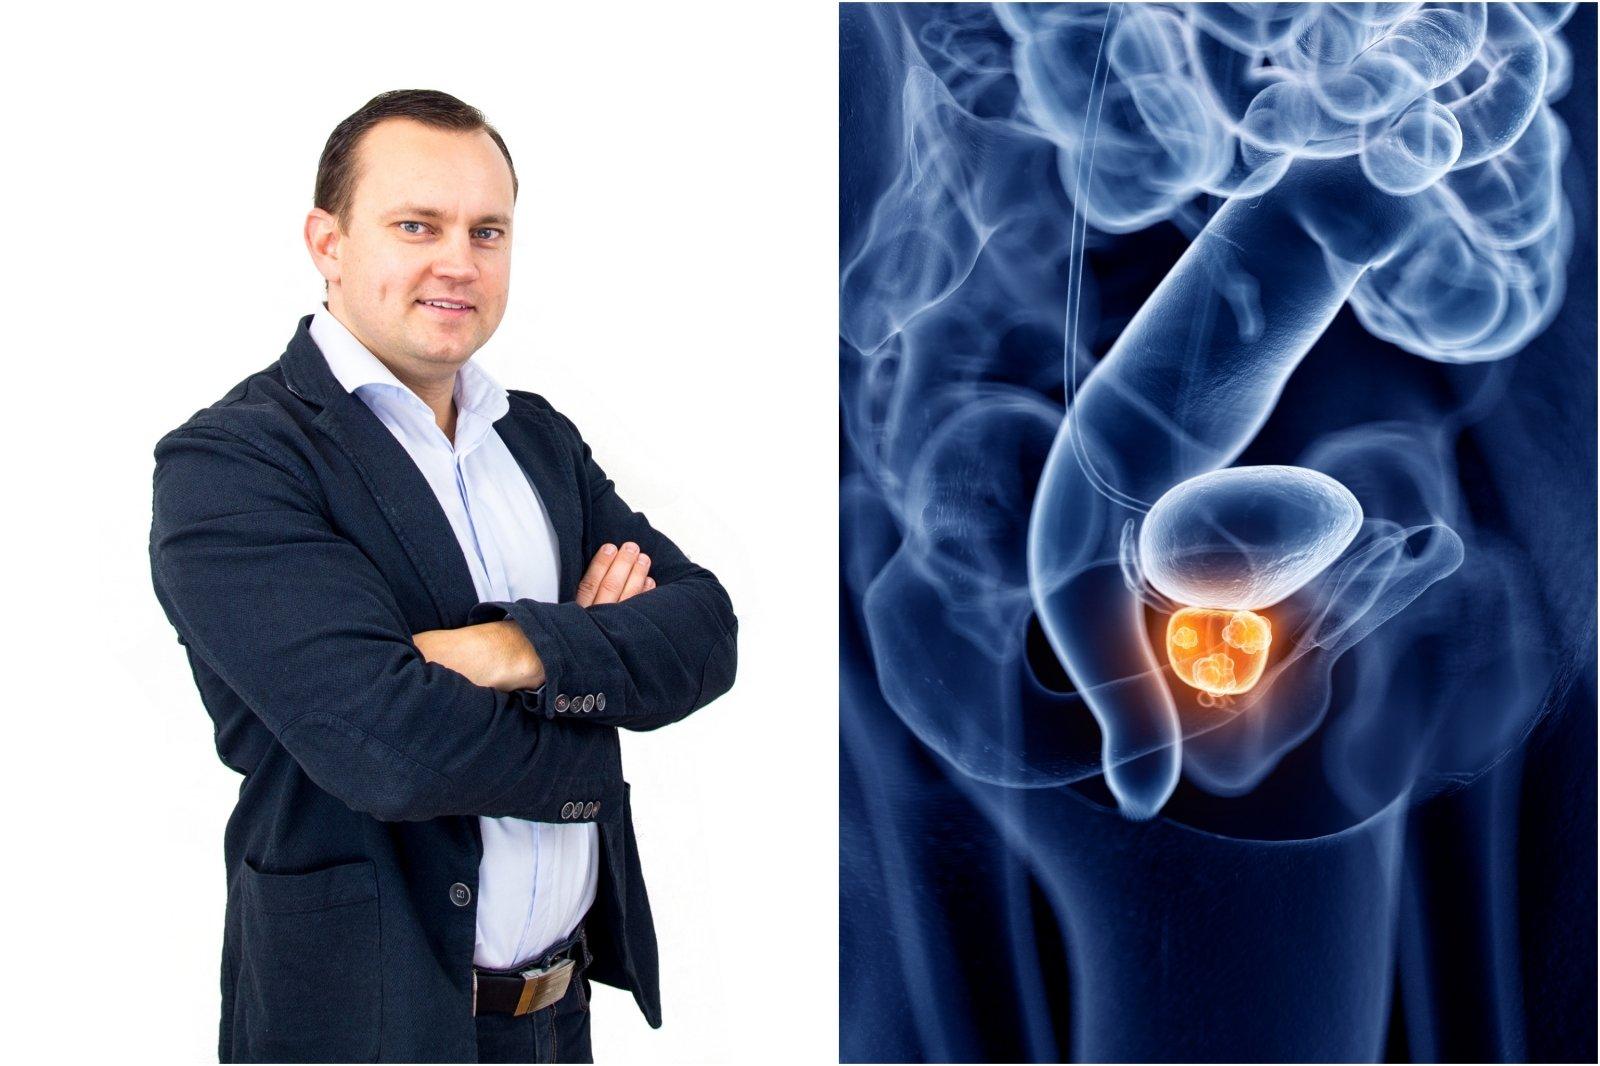 urologas apie didejanti nari